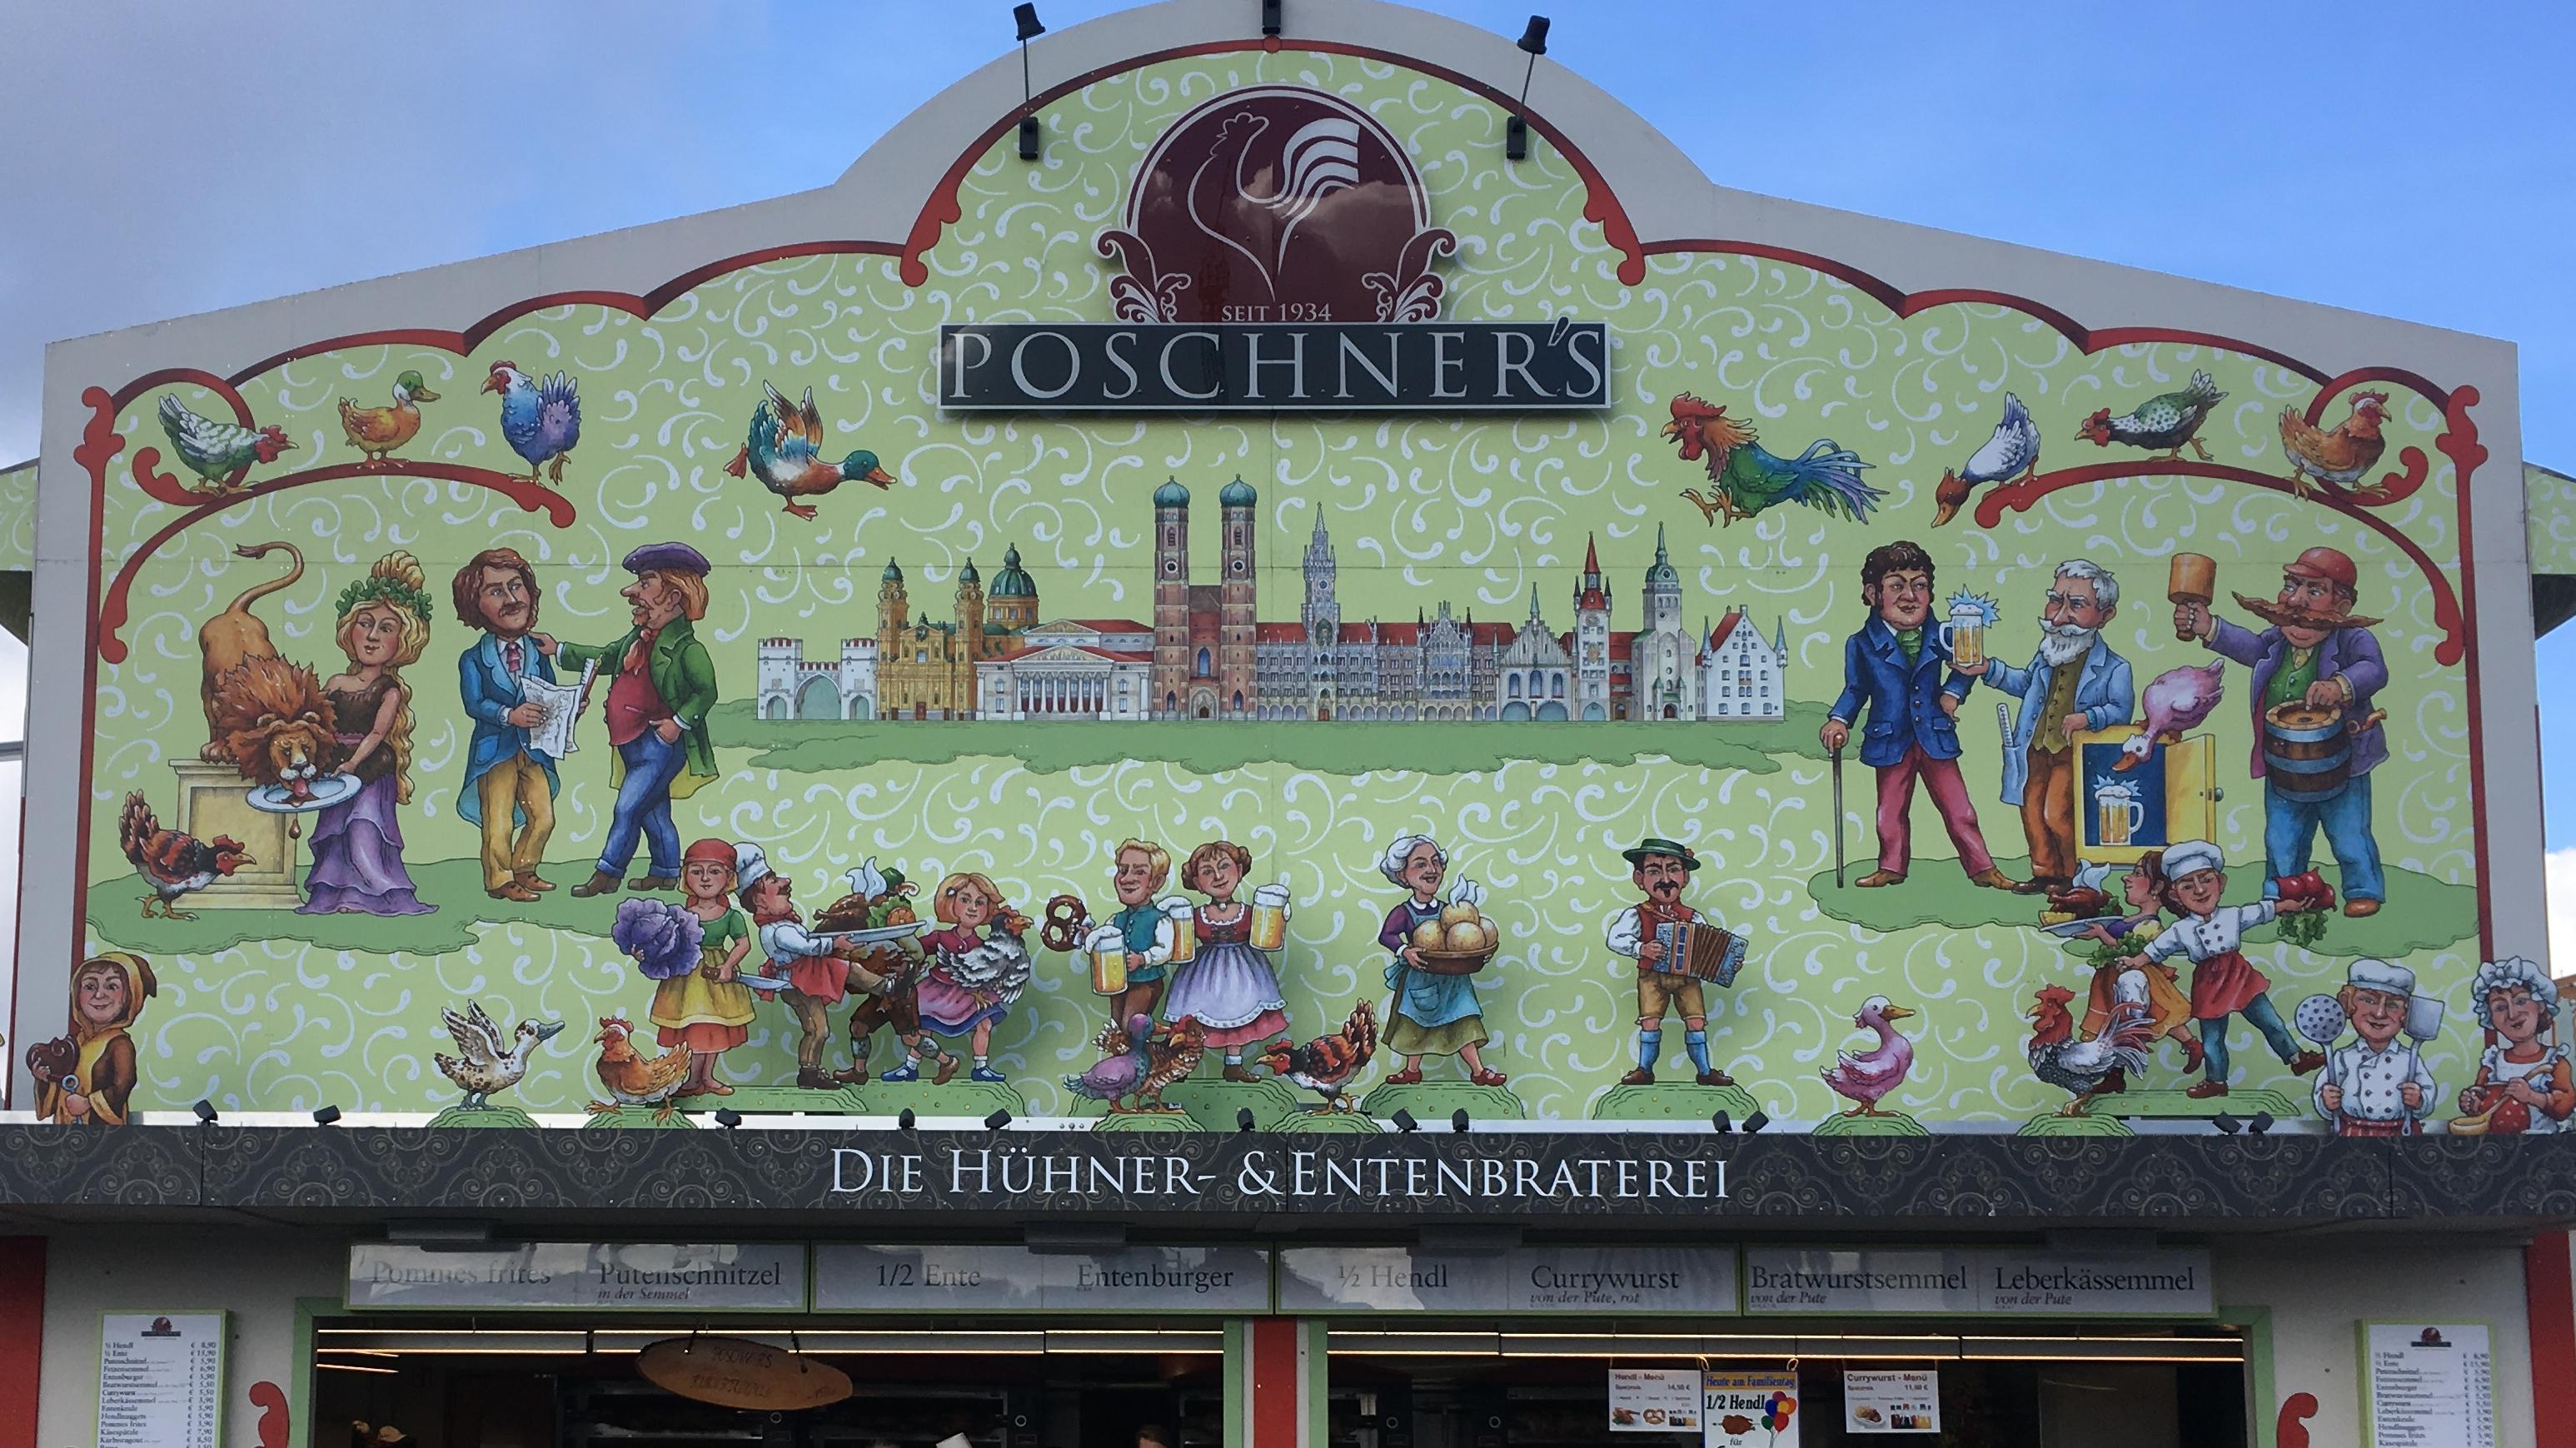 Die Hühner- und Entenbraterei Poschner auf dem Oktoberfest